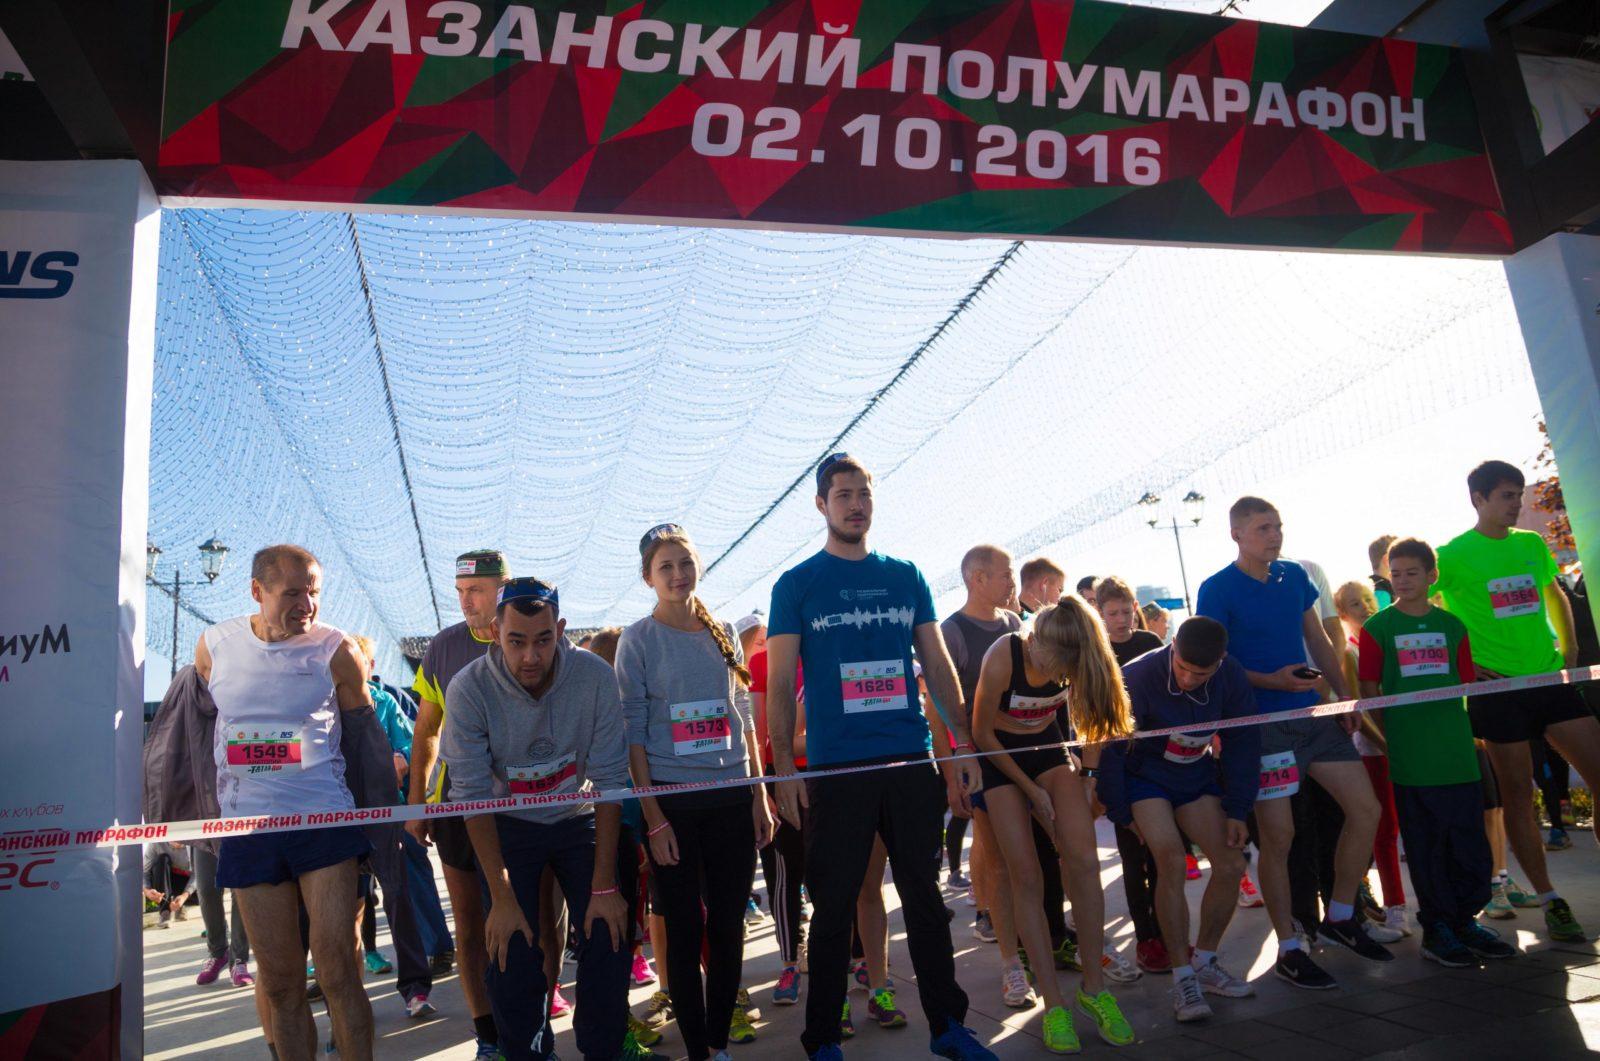 АНОНСЫ: КАЗАНСКИЙ МИКС, МОСКОВСКИЙ ЛИС И ЧУЛКОВСКИЙХАРДКОР